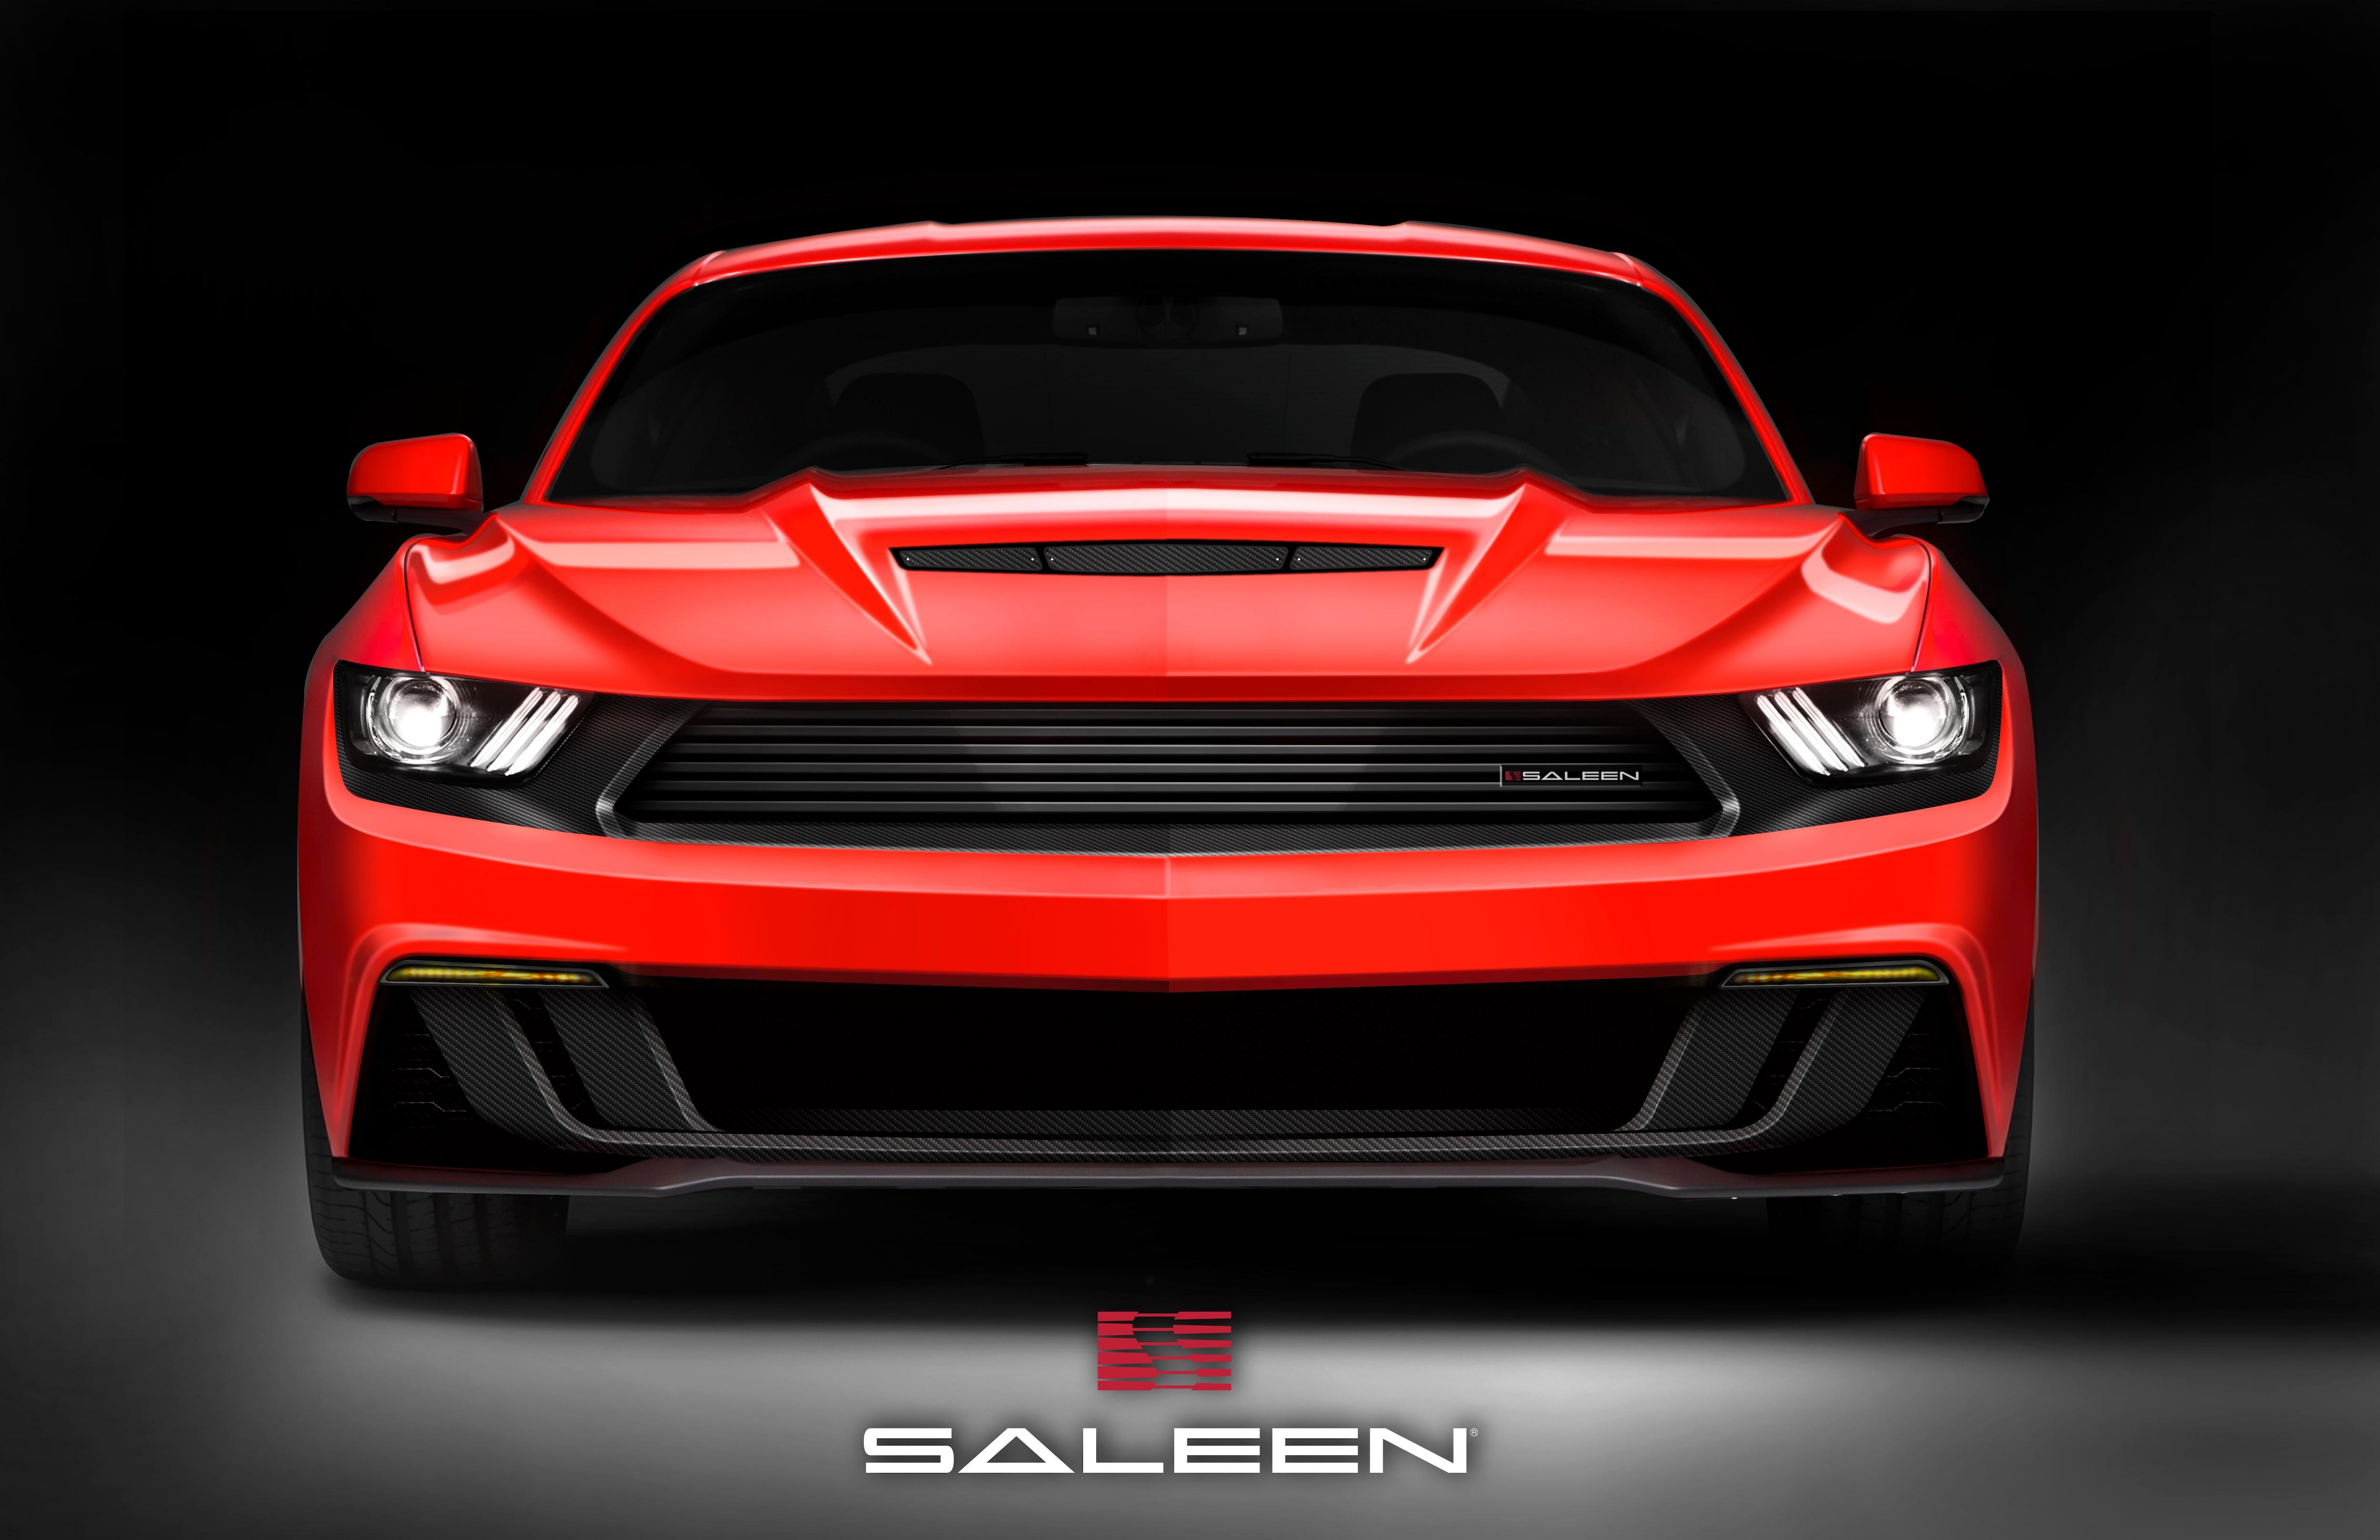 2015 Saleen 302 Mustang Front